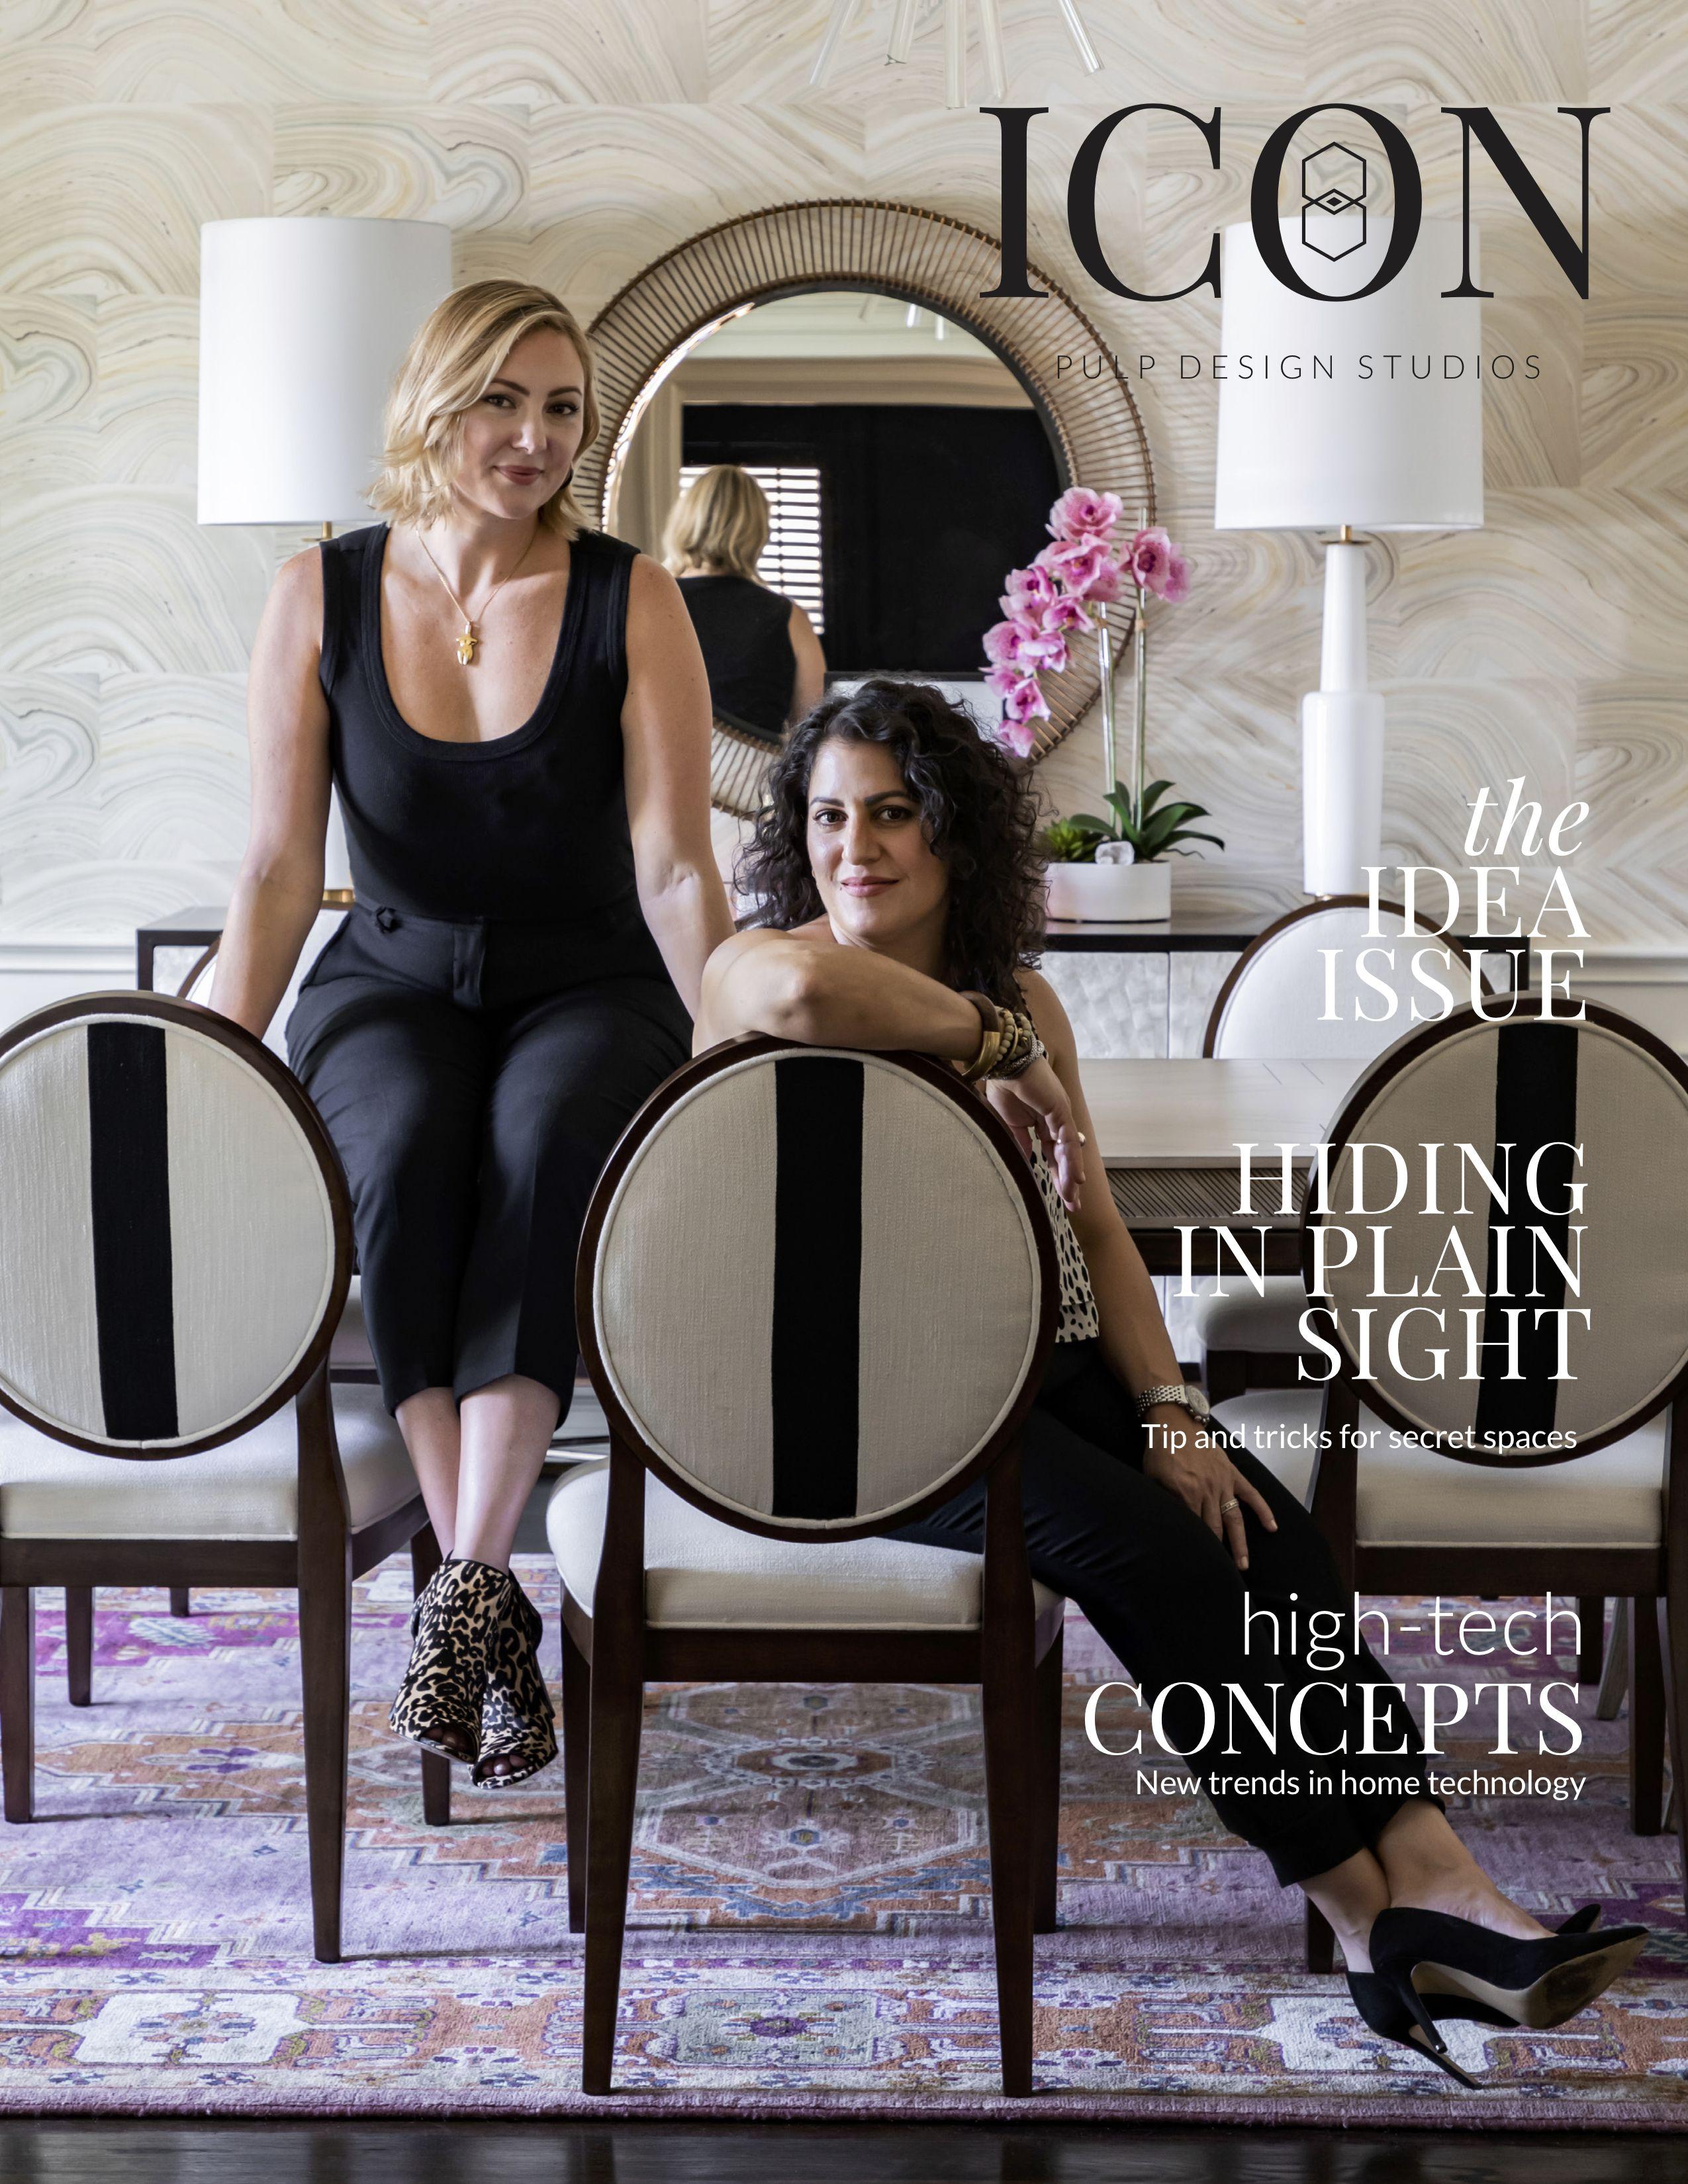 Check Out Icon Our Big Idea Issue In 2020 Design Concept Design Design Studio